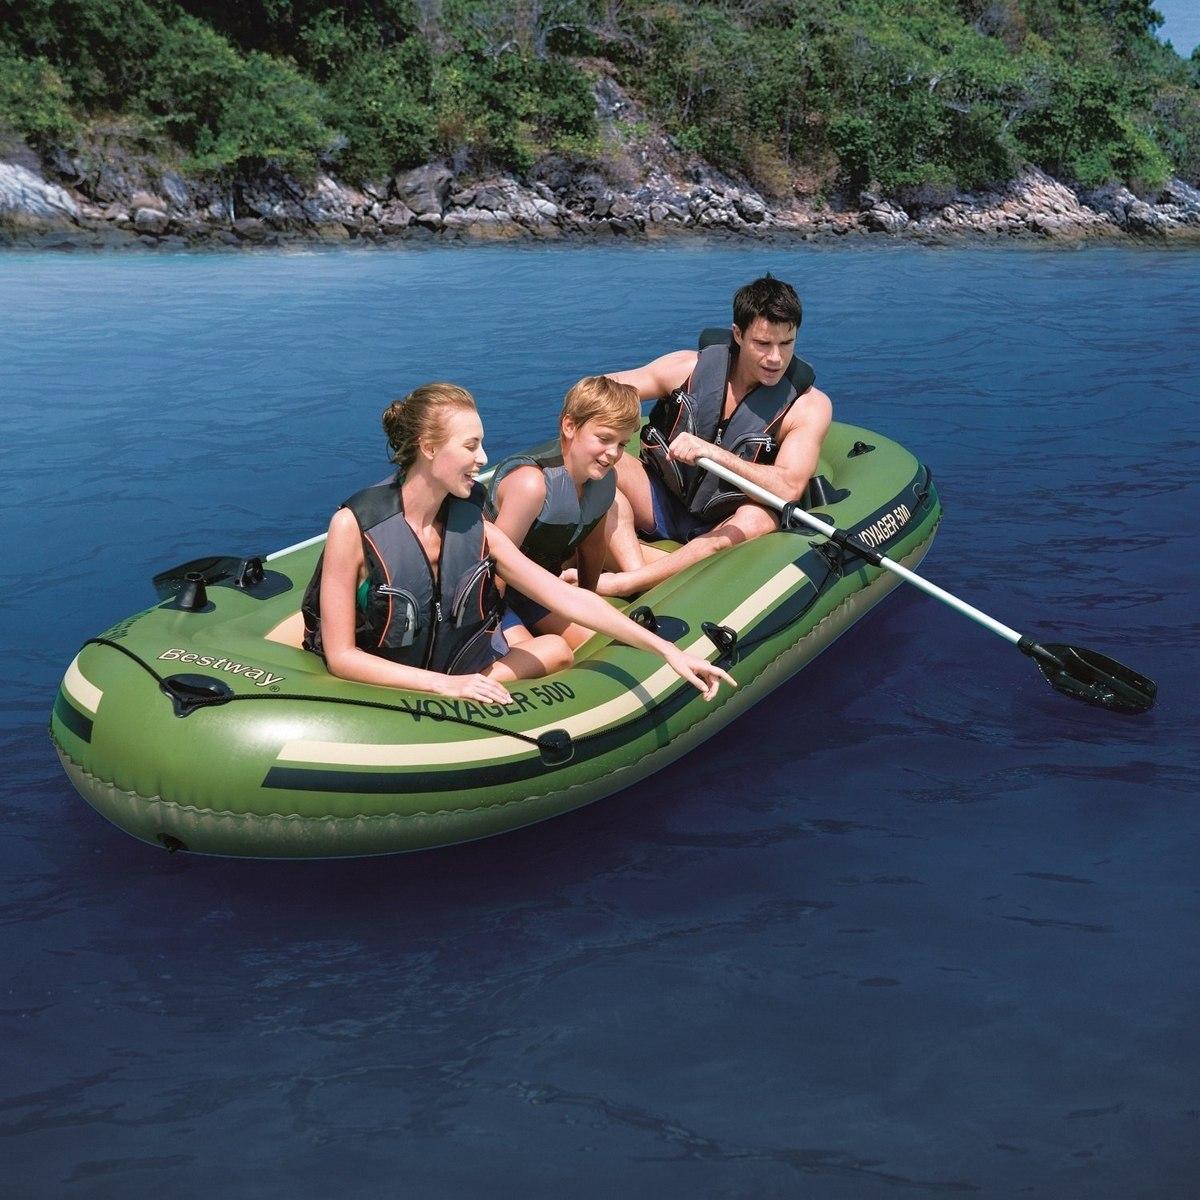 91a303e05 bote inflável voyager 3 p com remos e inflador elétrico 12v. Carregando  zoom.